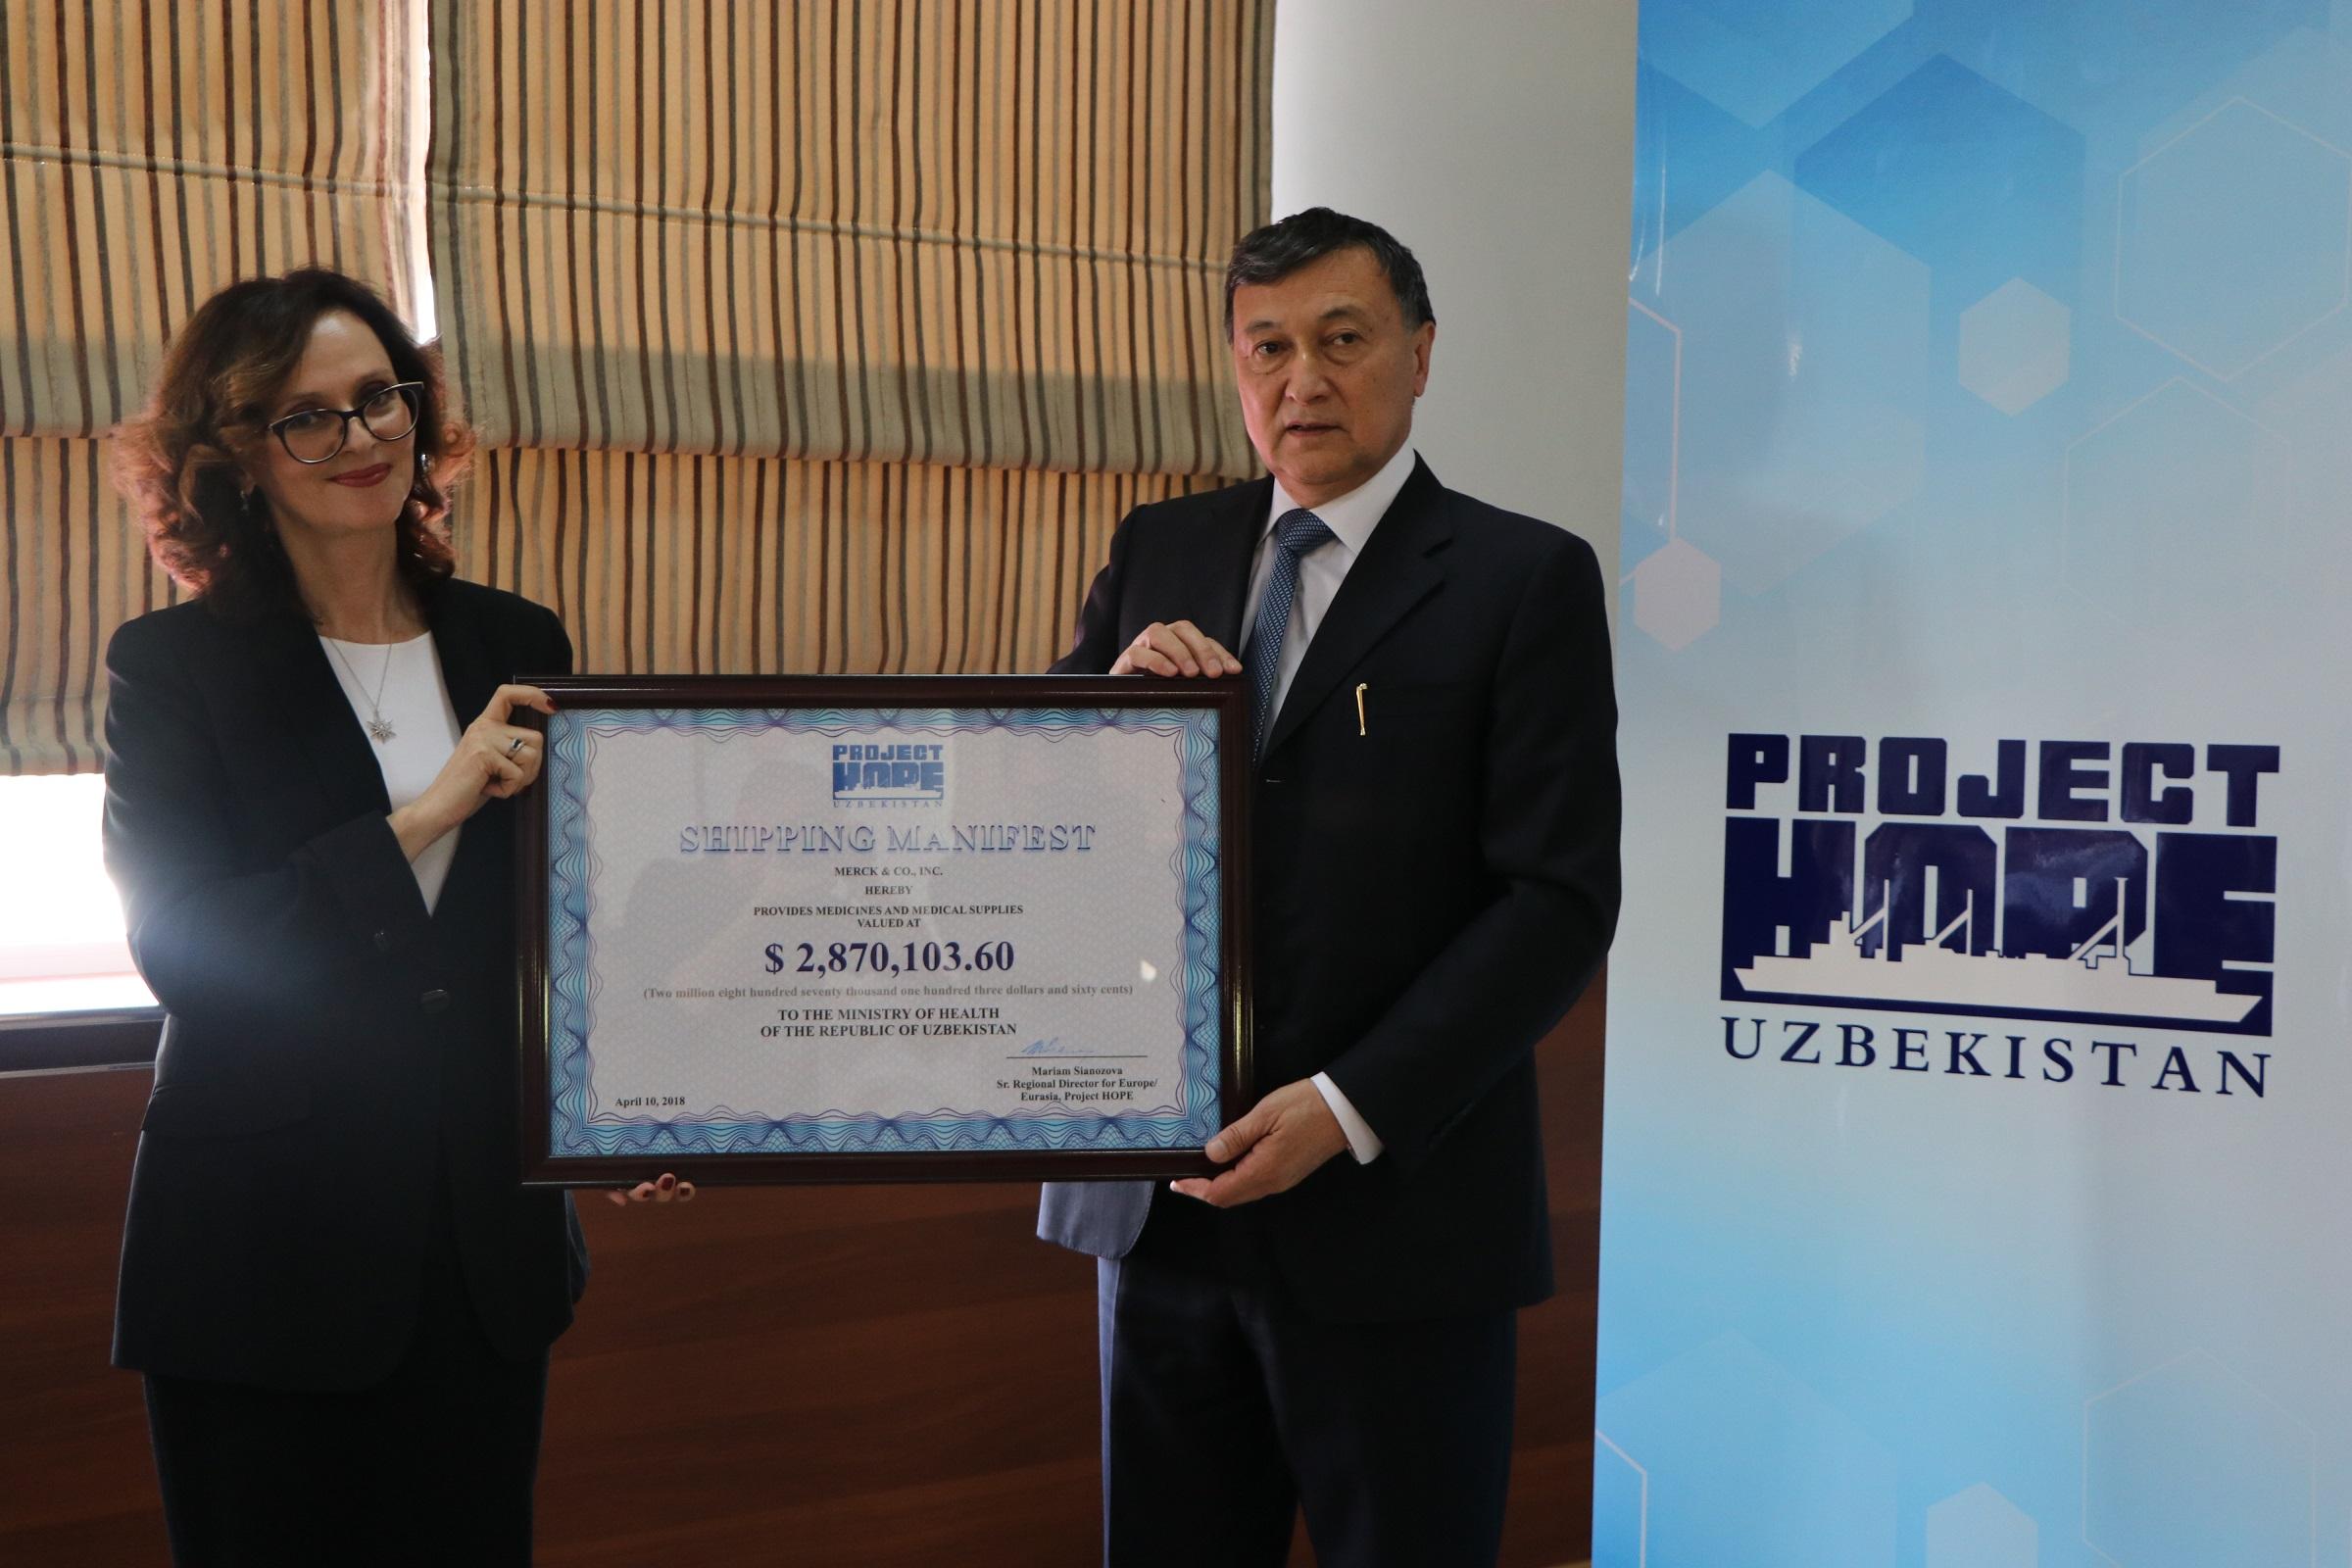 Узбекистану переданы в дар жизненно важные лекарства для онкологических больных